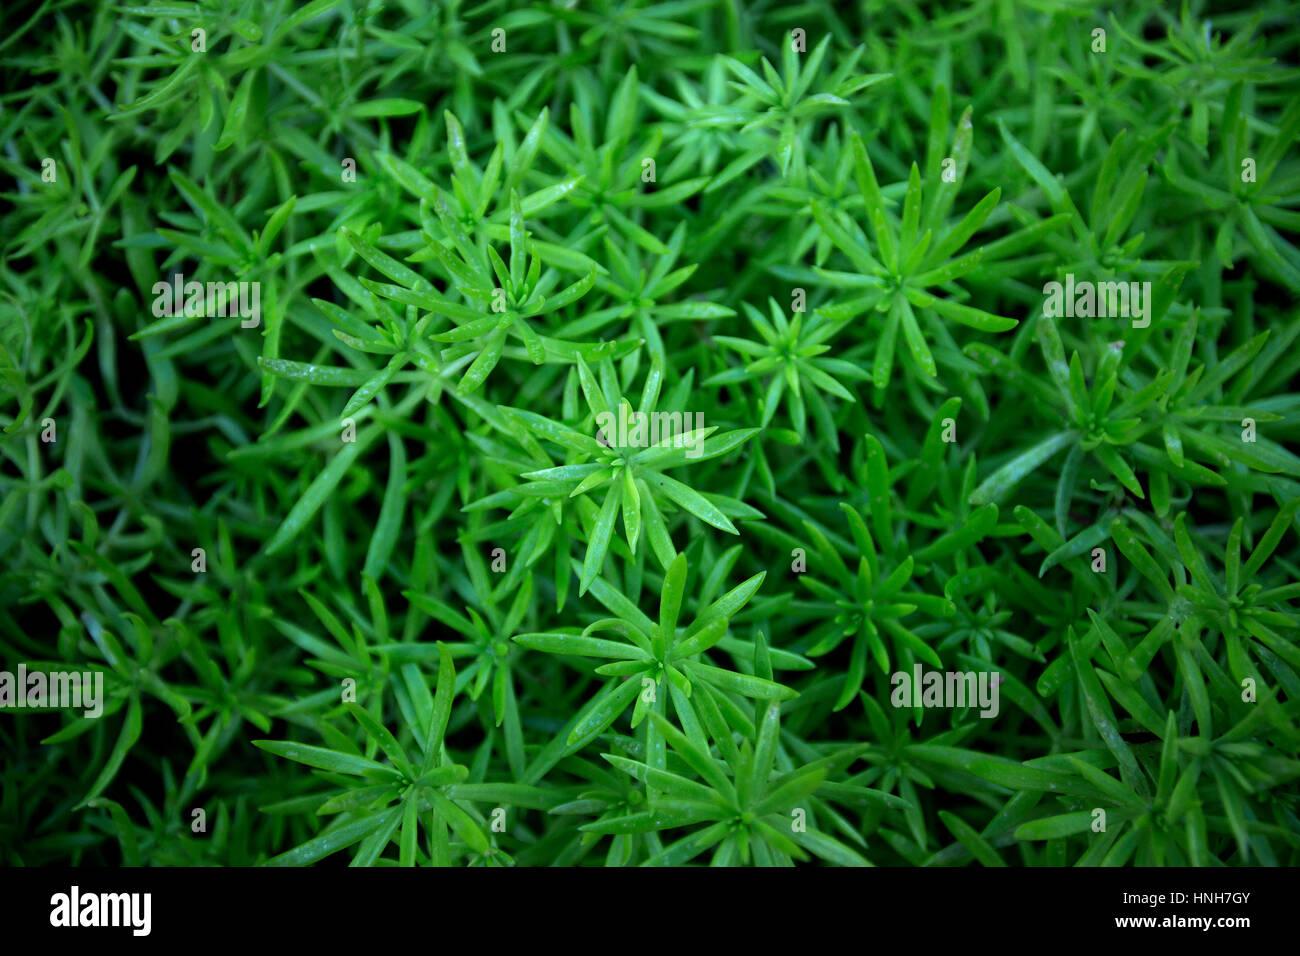 Close Up Of Greenery Sedum Flower Nature Greenery